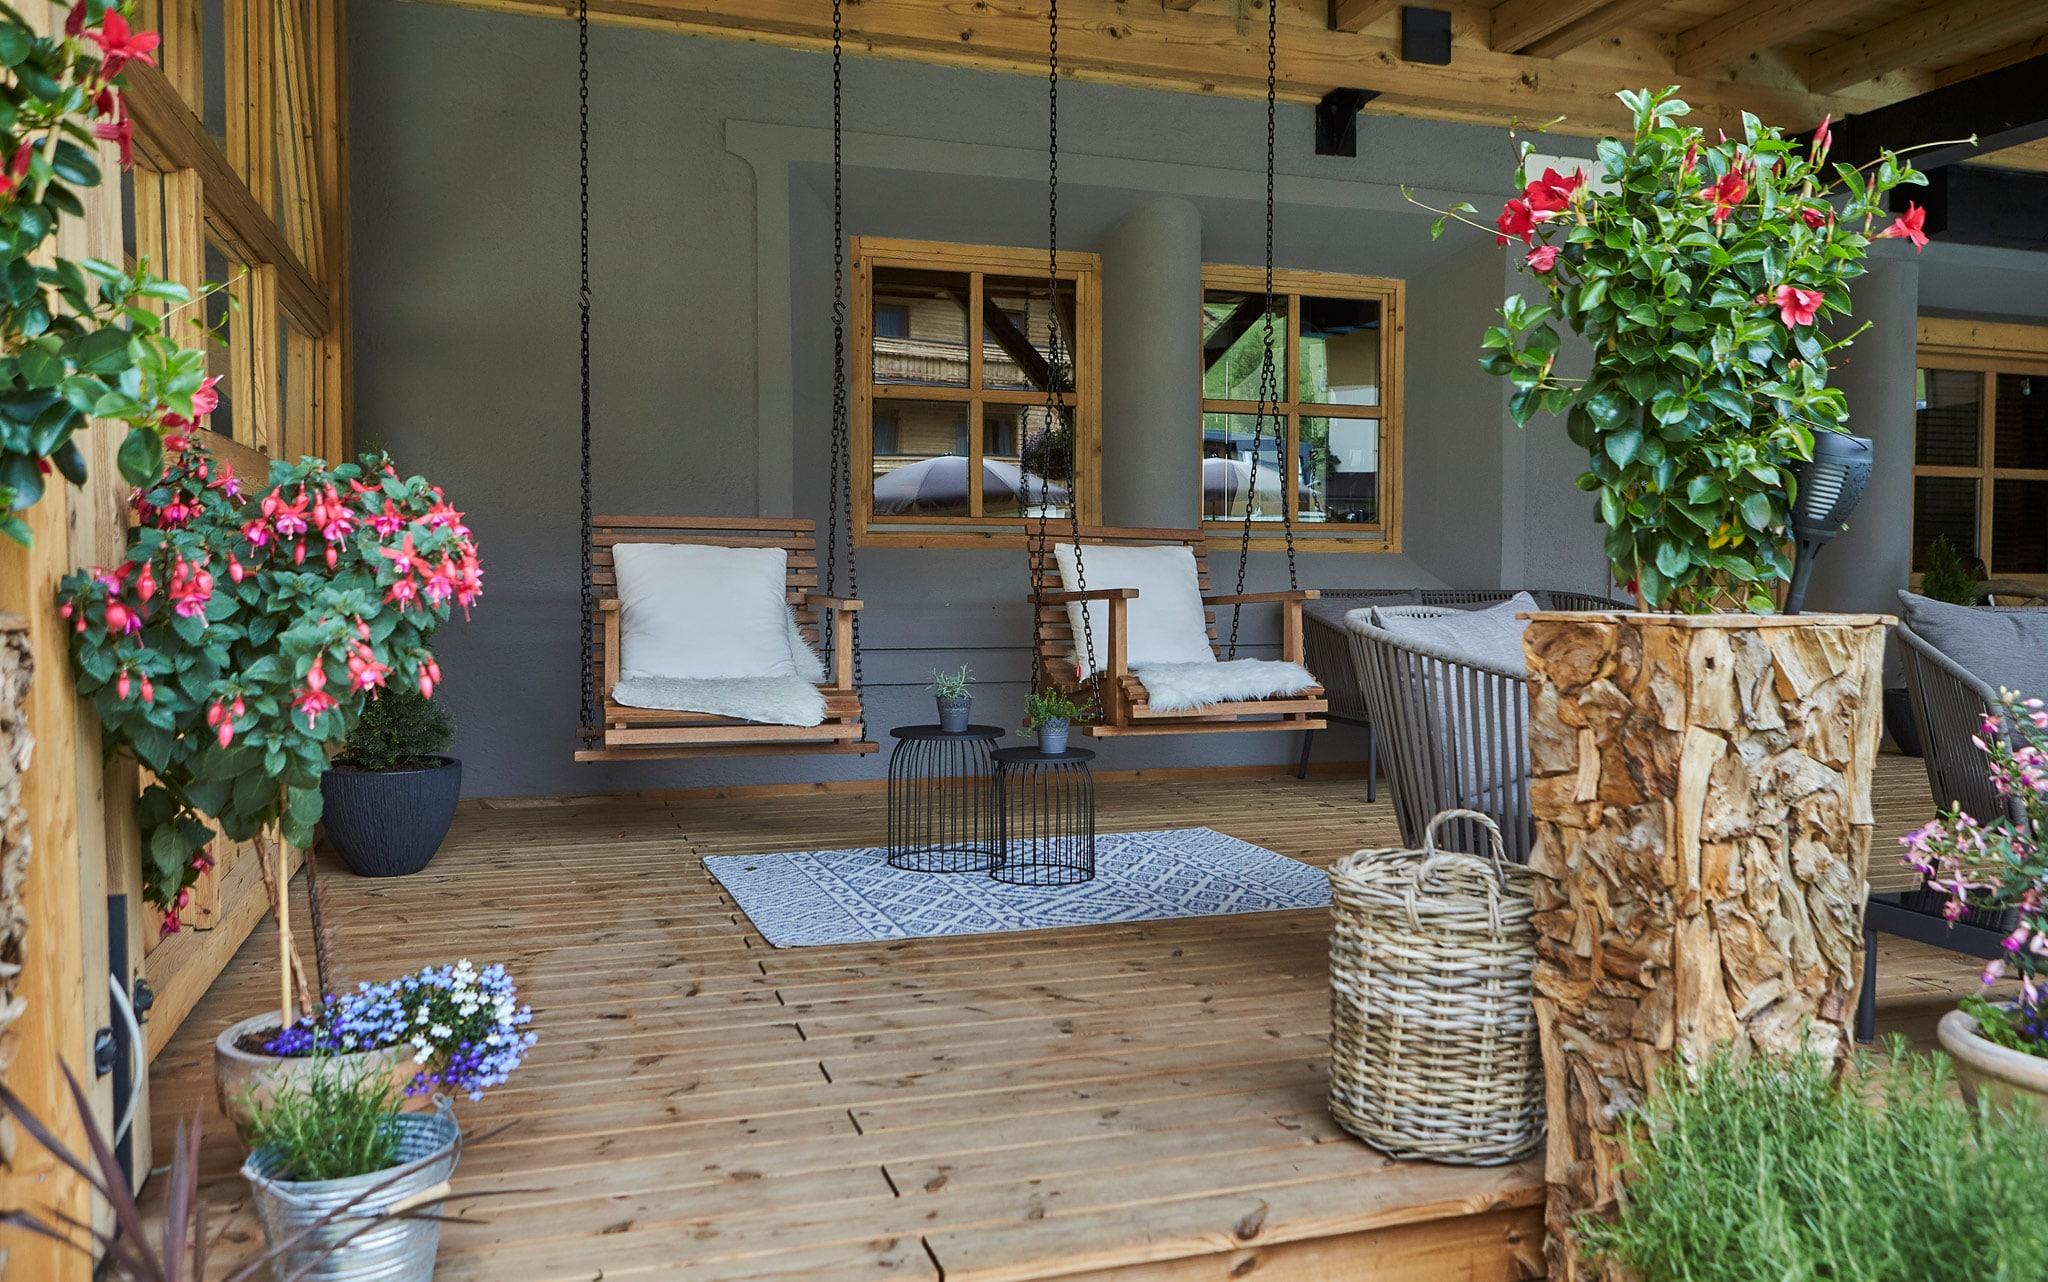 Zwei gemütliche Stühle hängen auf der Terrasse